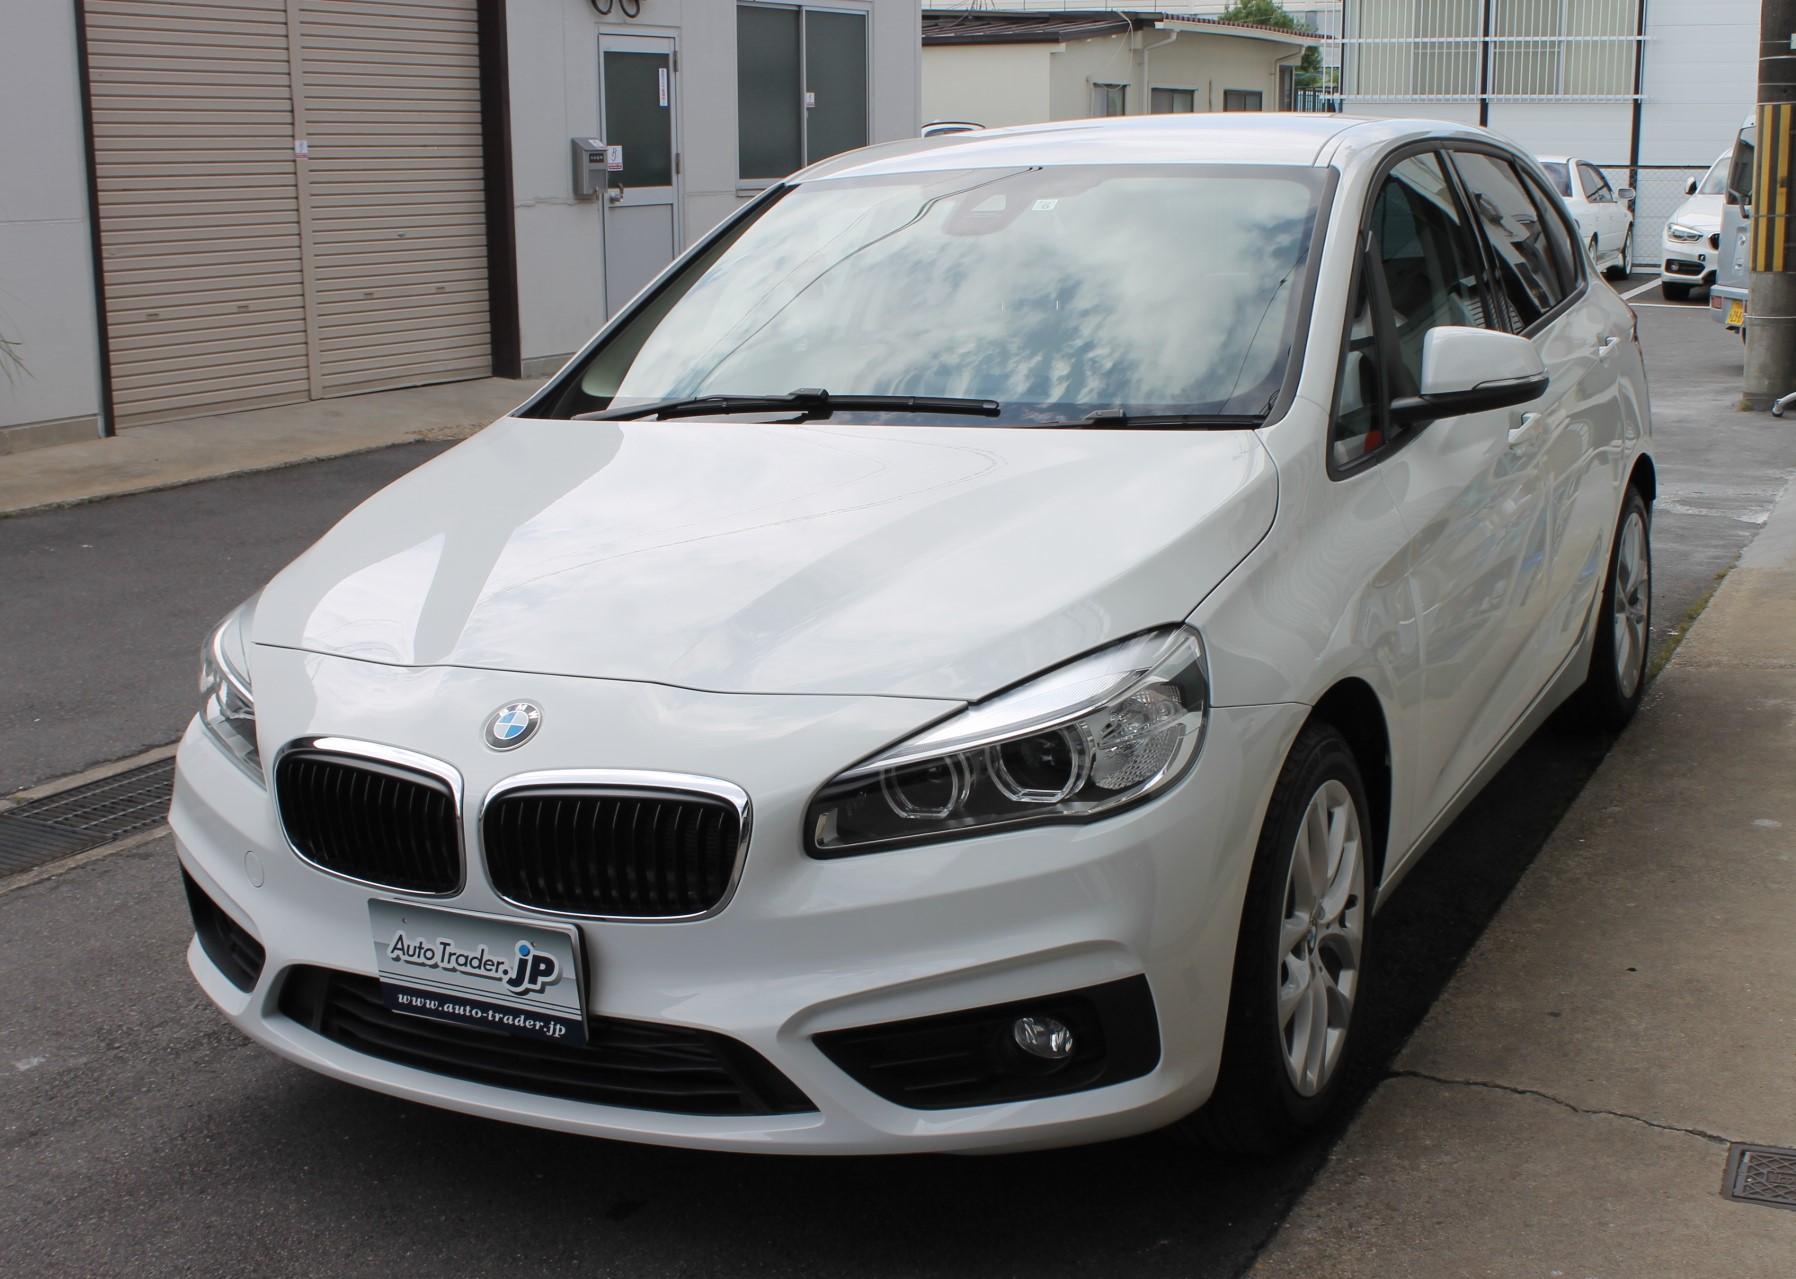 BMW 218iアクティブツアラー Fashionista御納車です!!(写真)